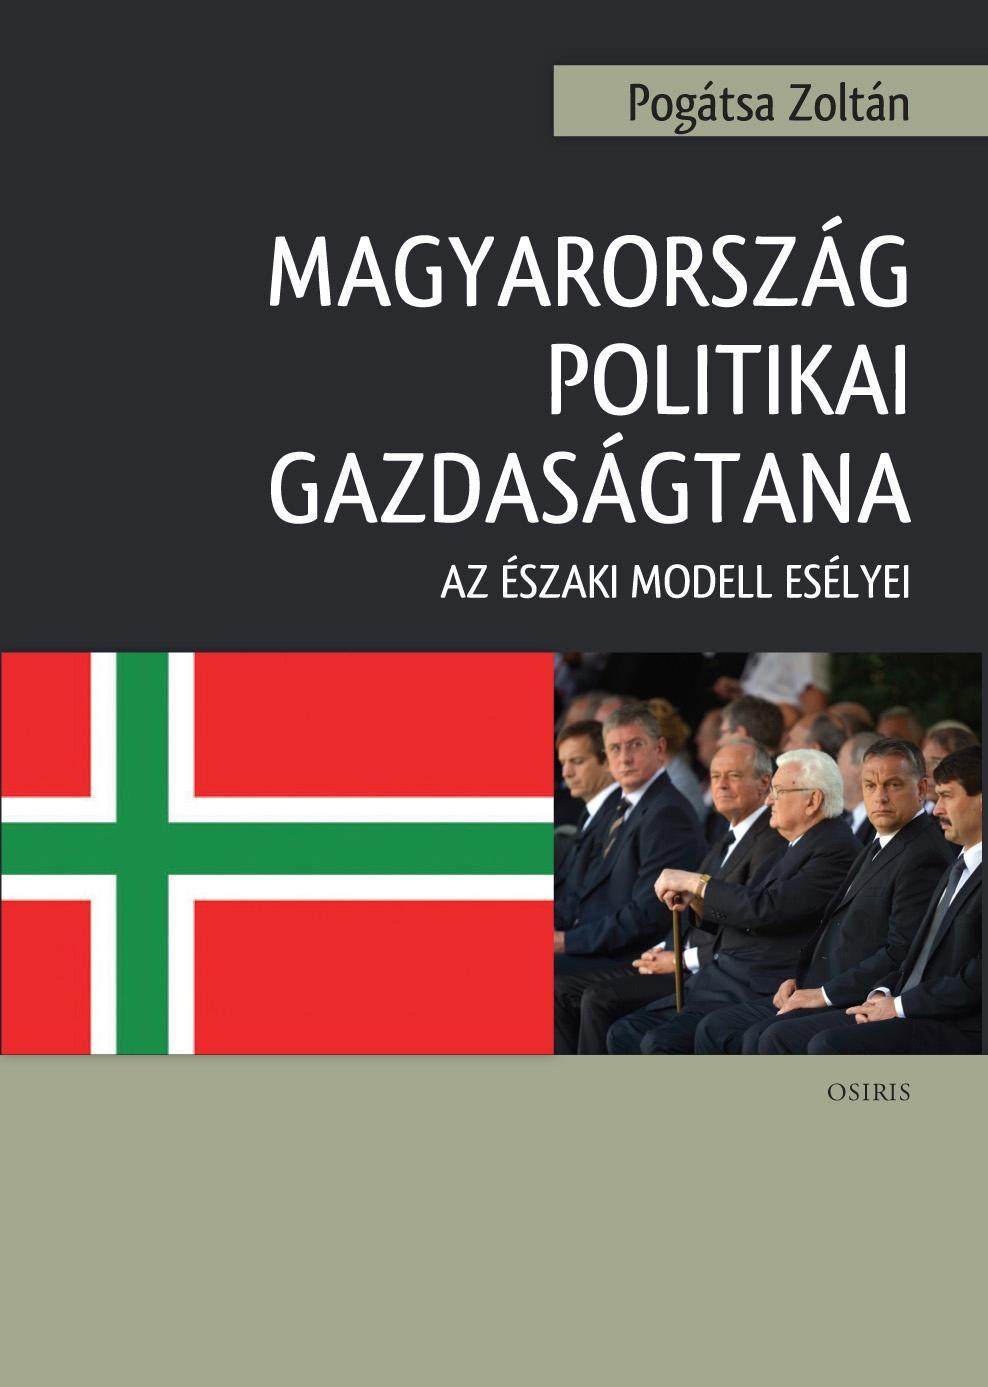 MAGYARORSZÁG POLITIKAI GAZDASÁGTANA - AZ ÉSZAKI MODELL ESÉLYEI